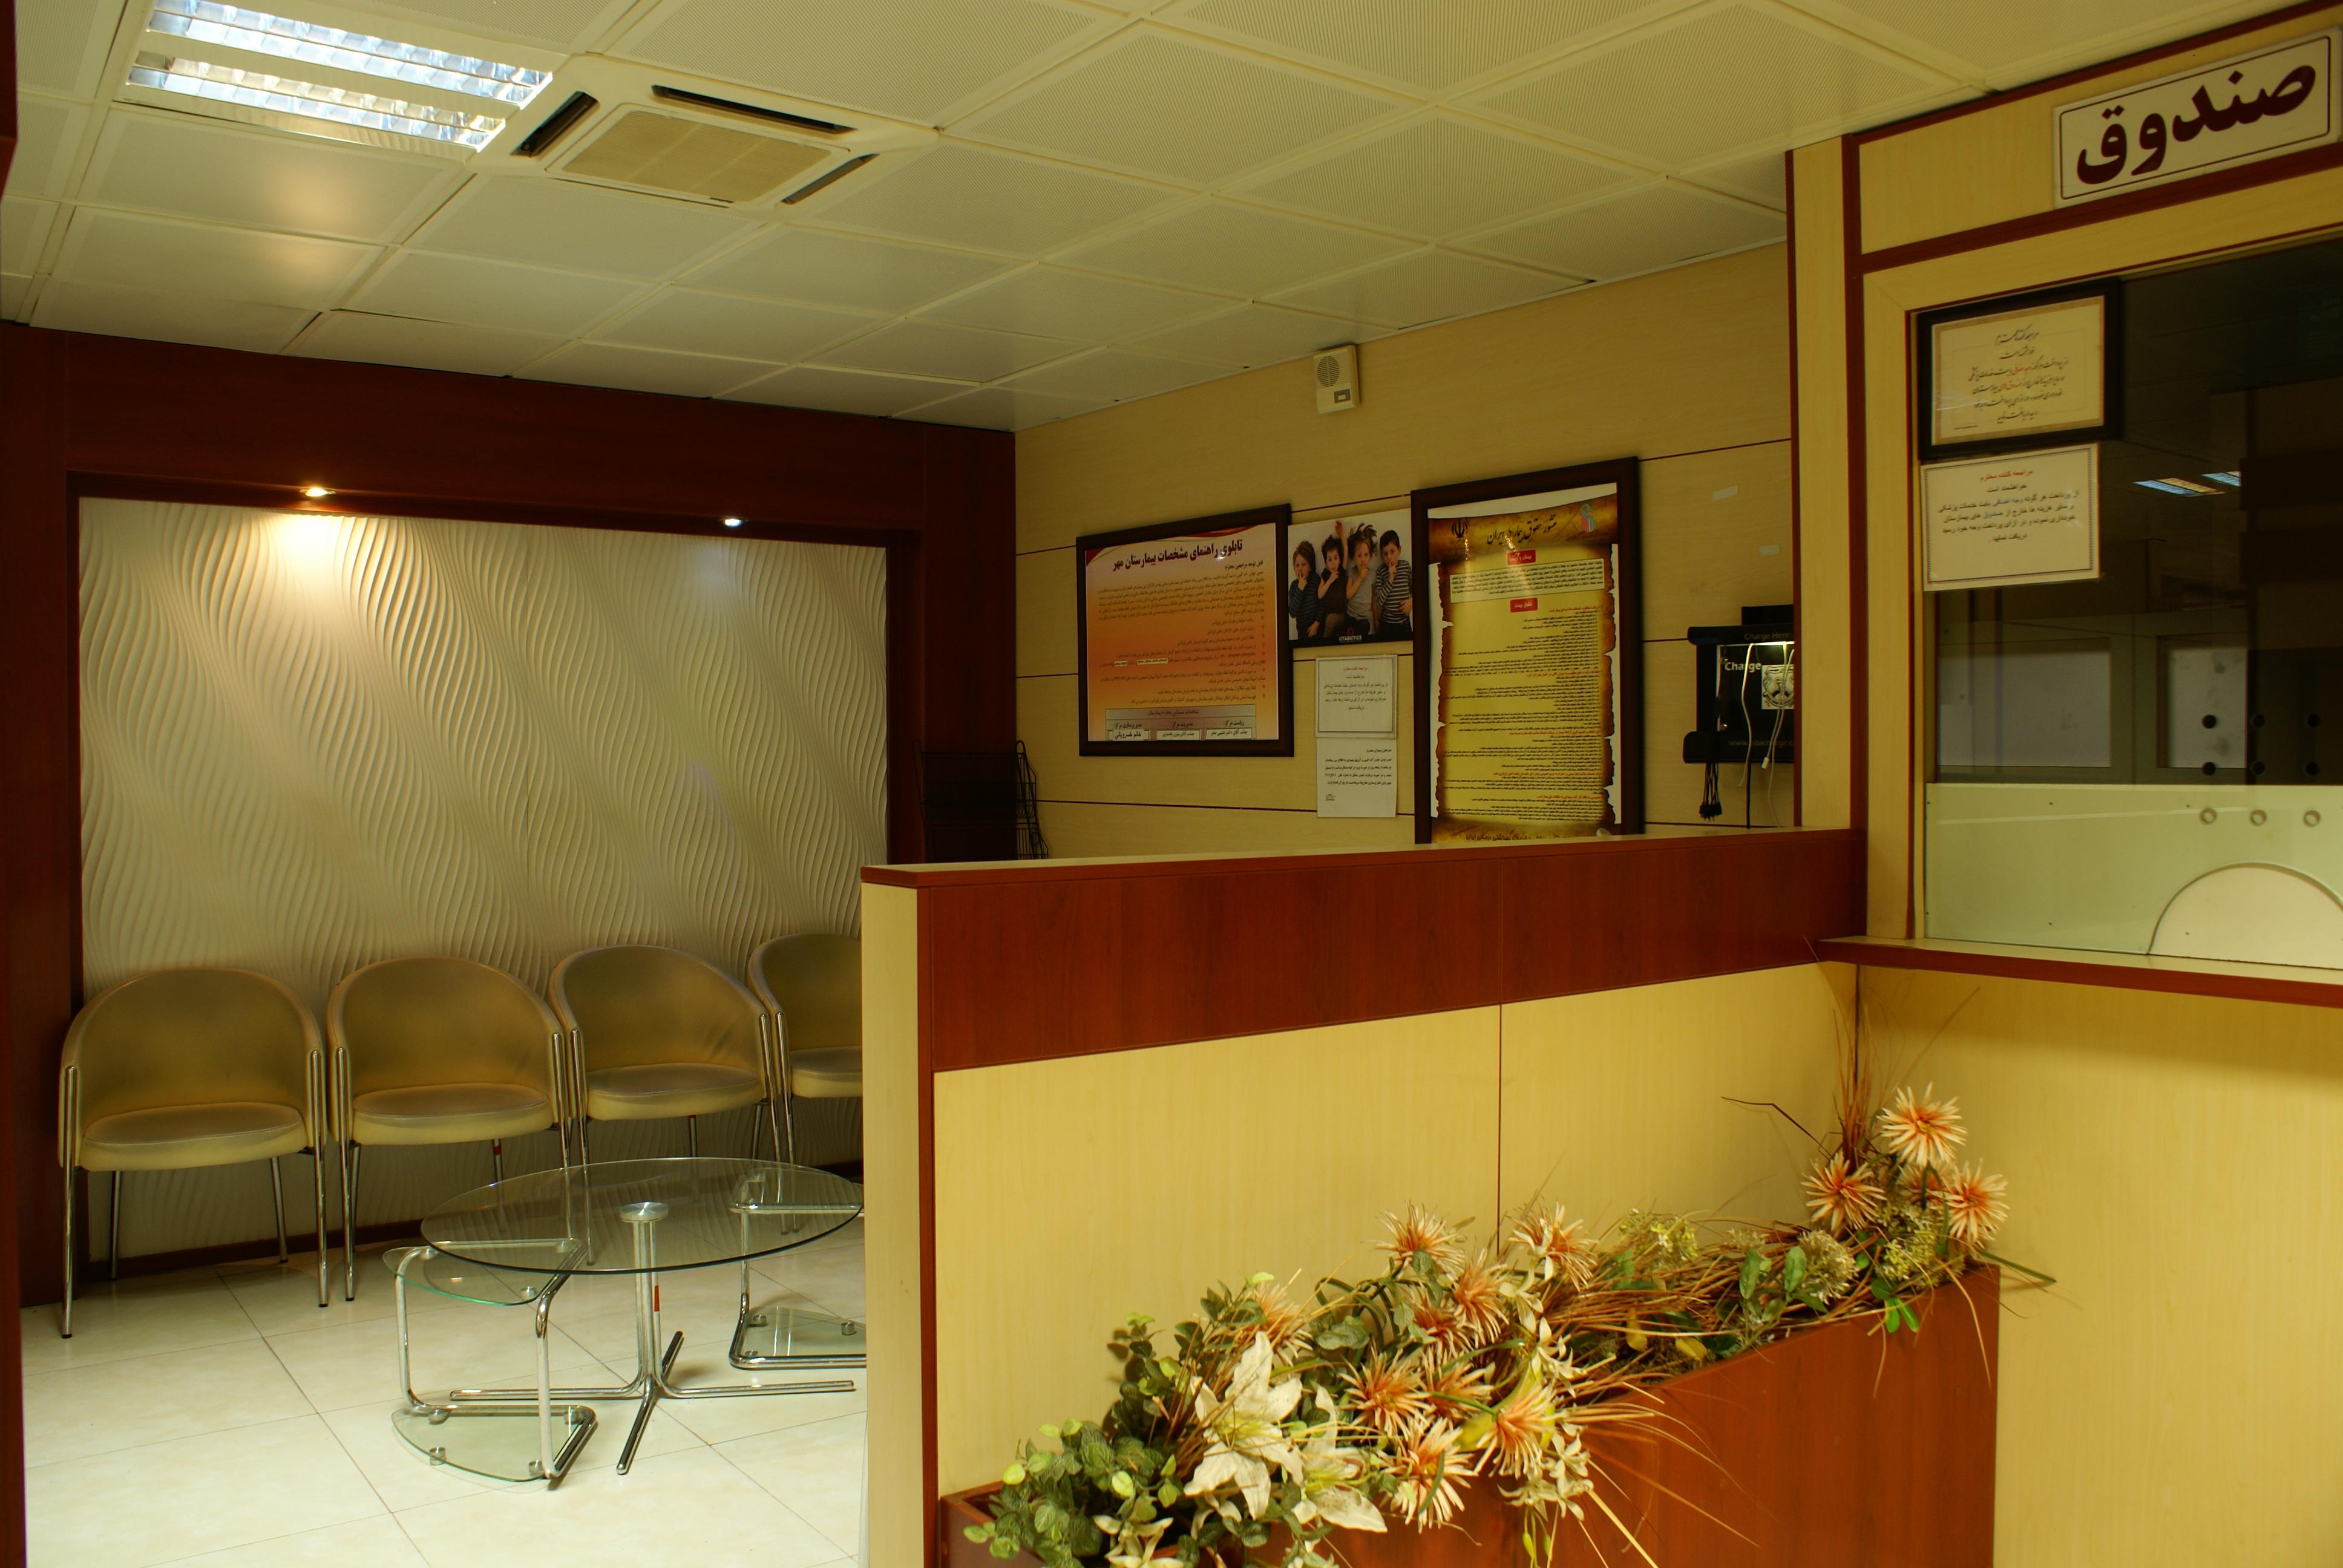 جایگاه انتظار بیماران - صندوق اورژانس